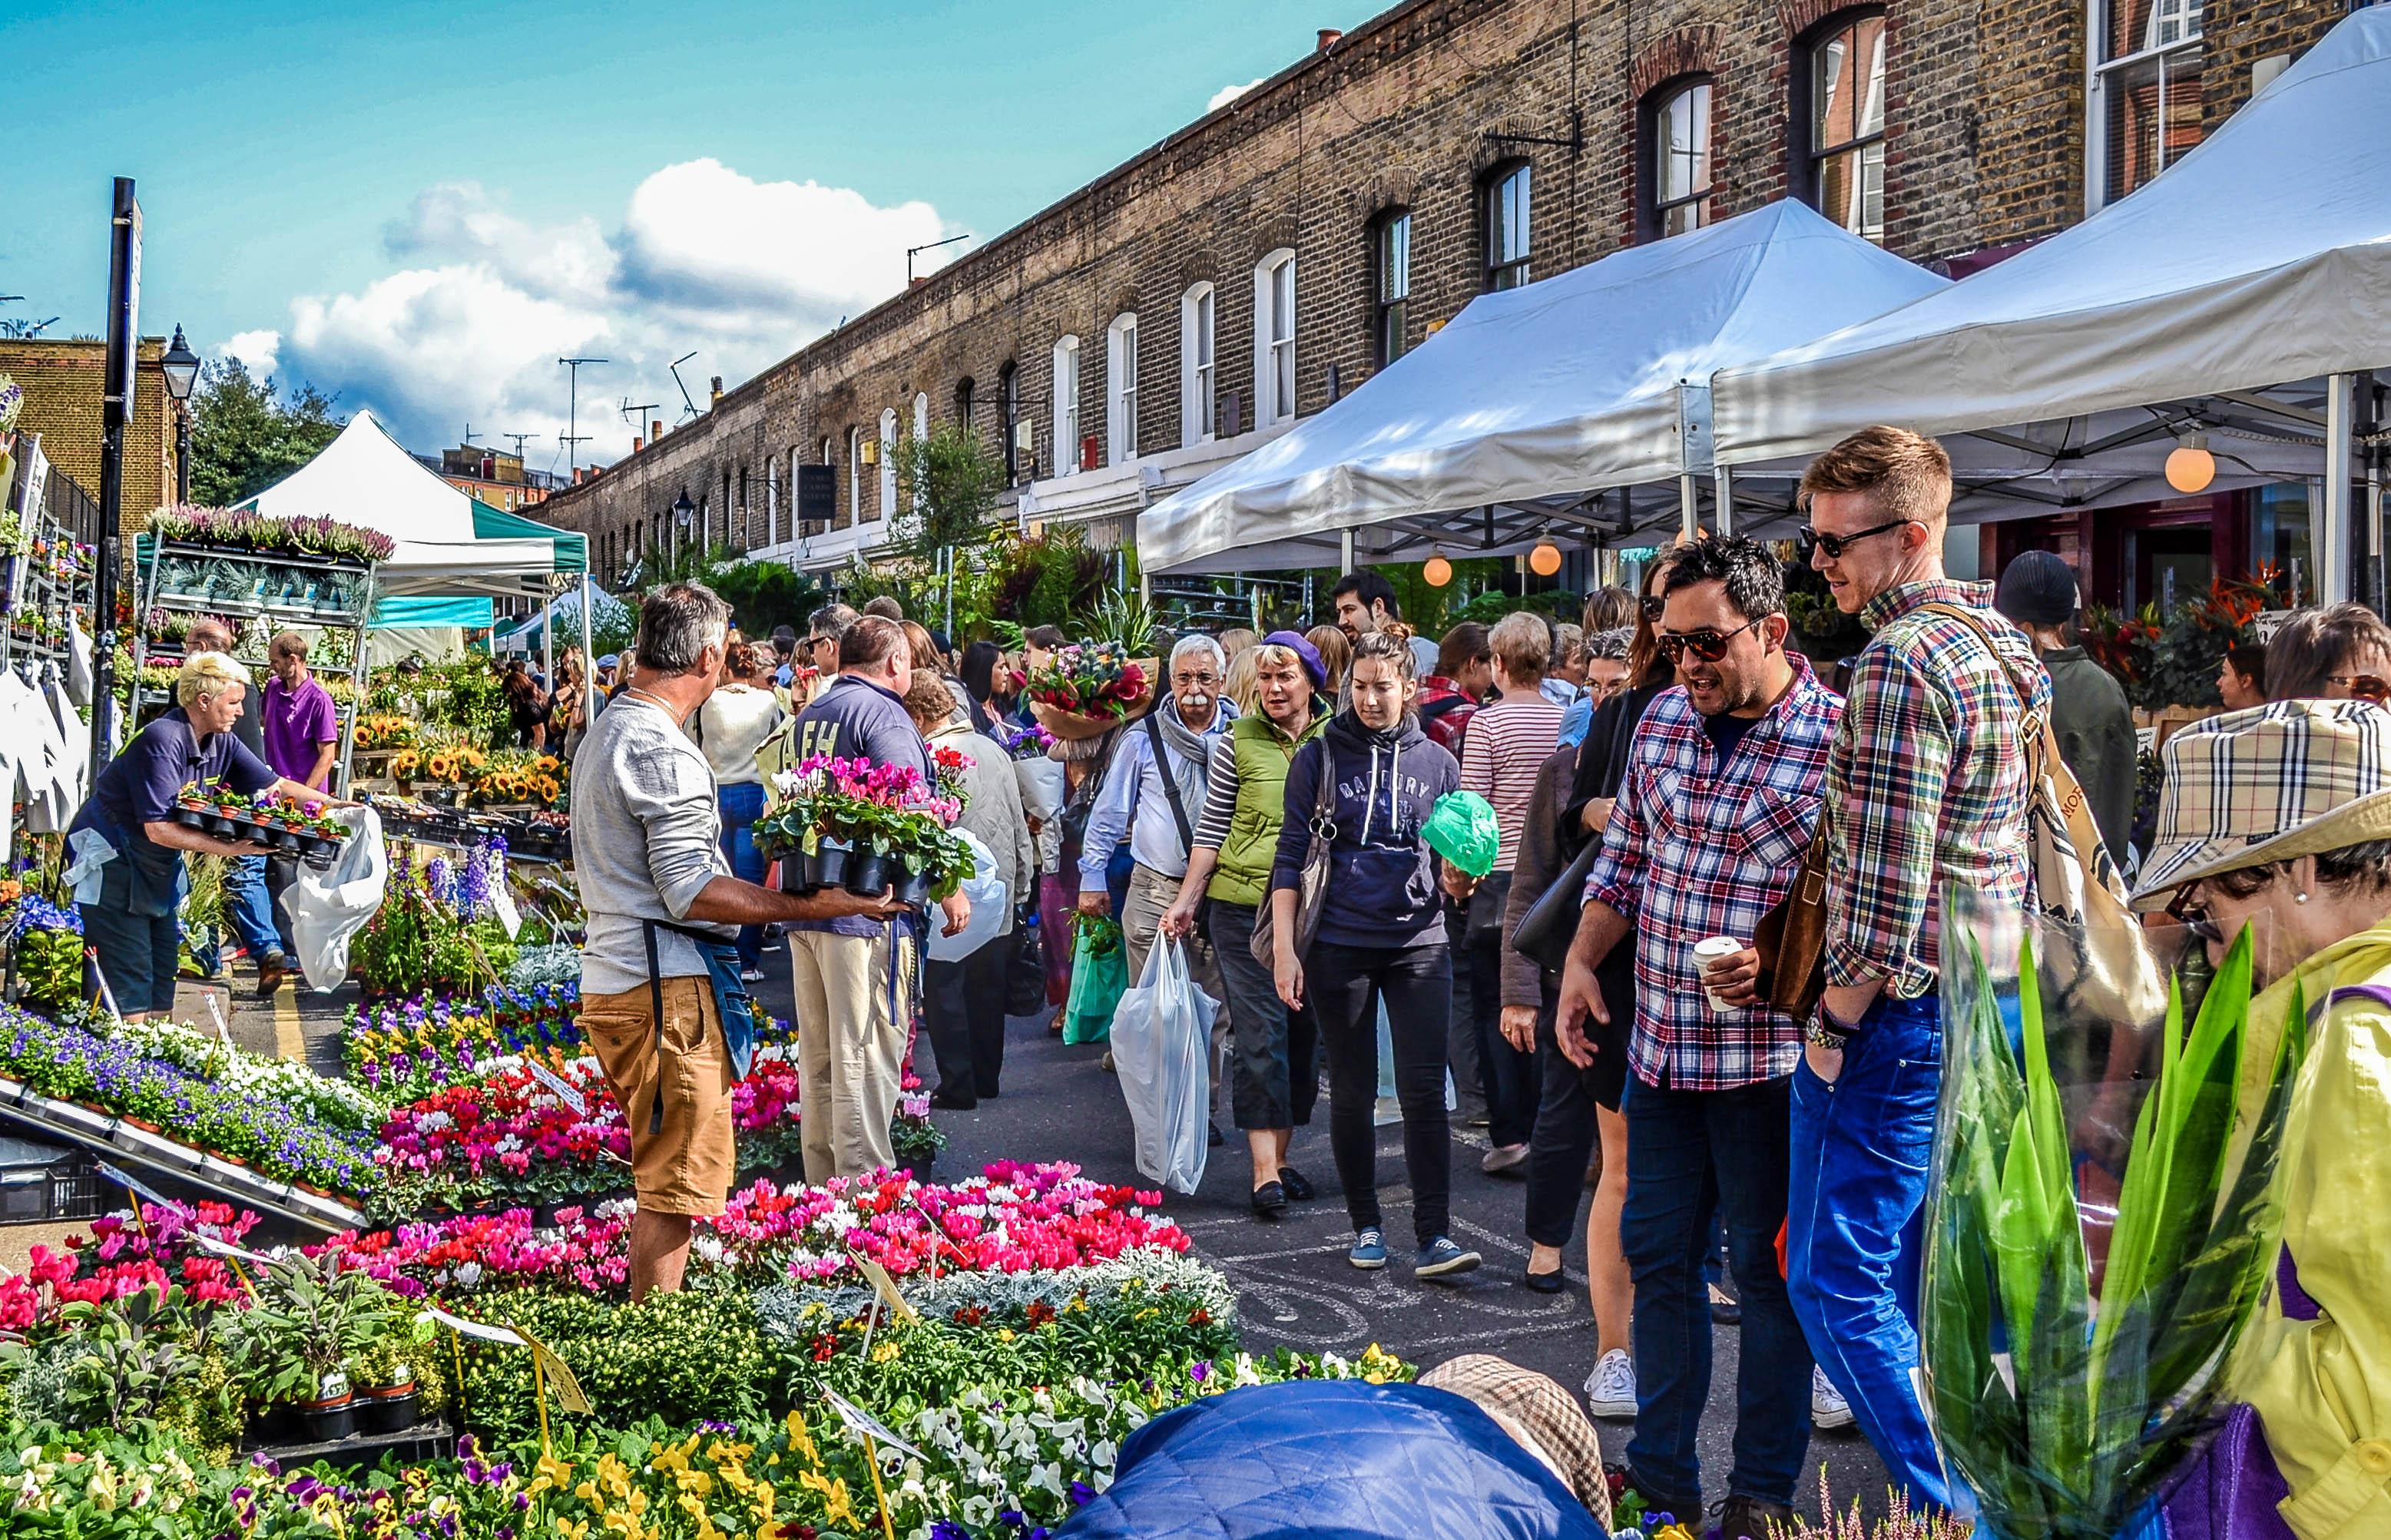 Columbia Road Market, Le plus grand marché aux fleurs de Londres